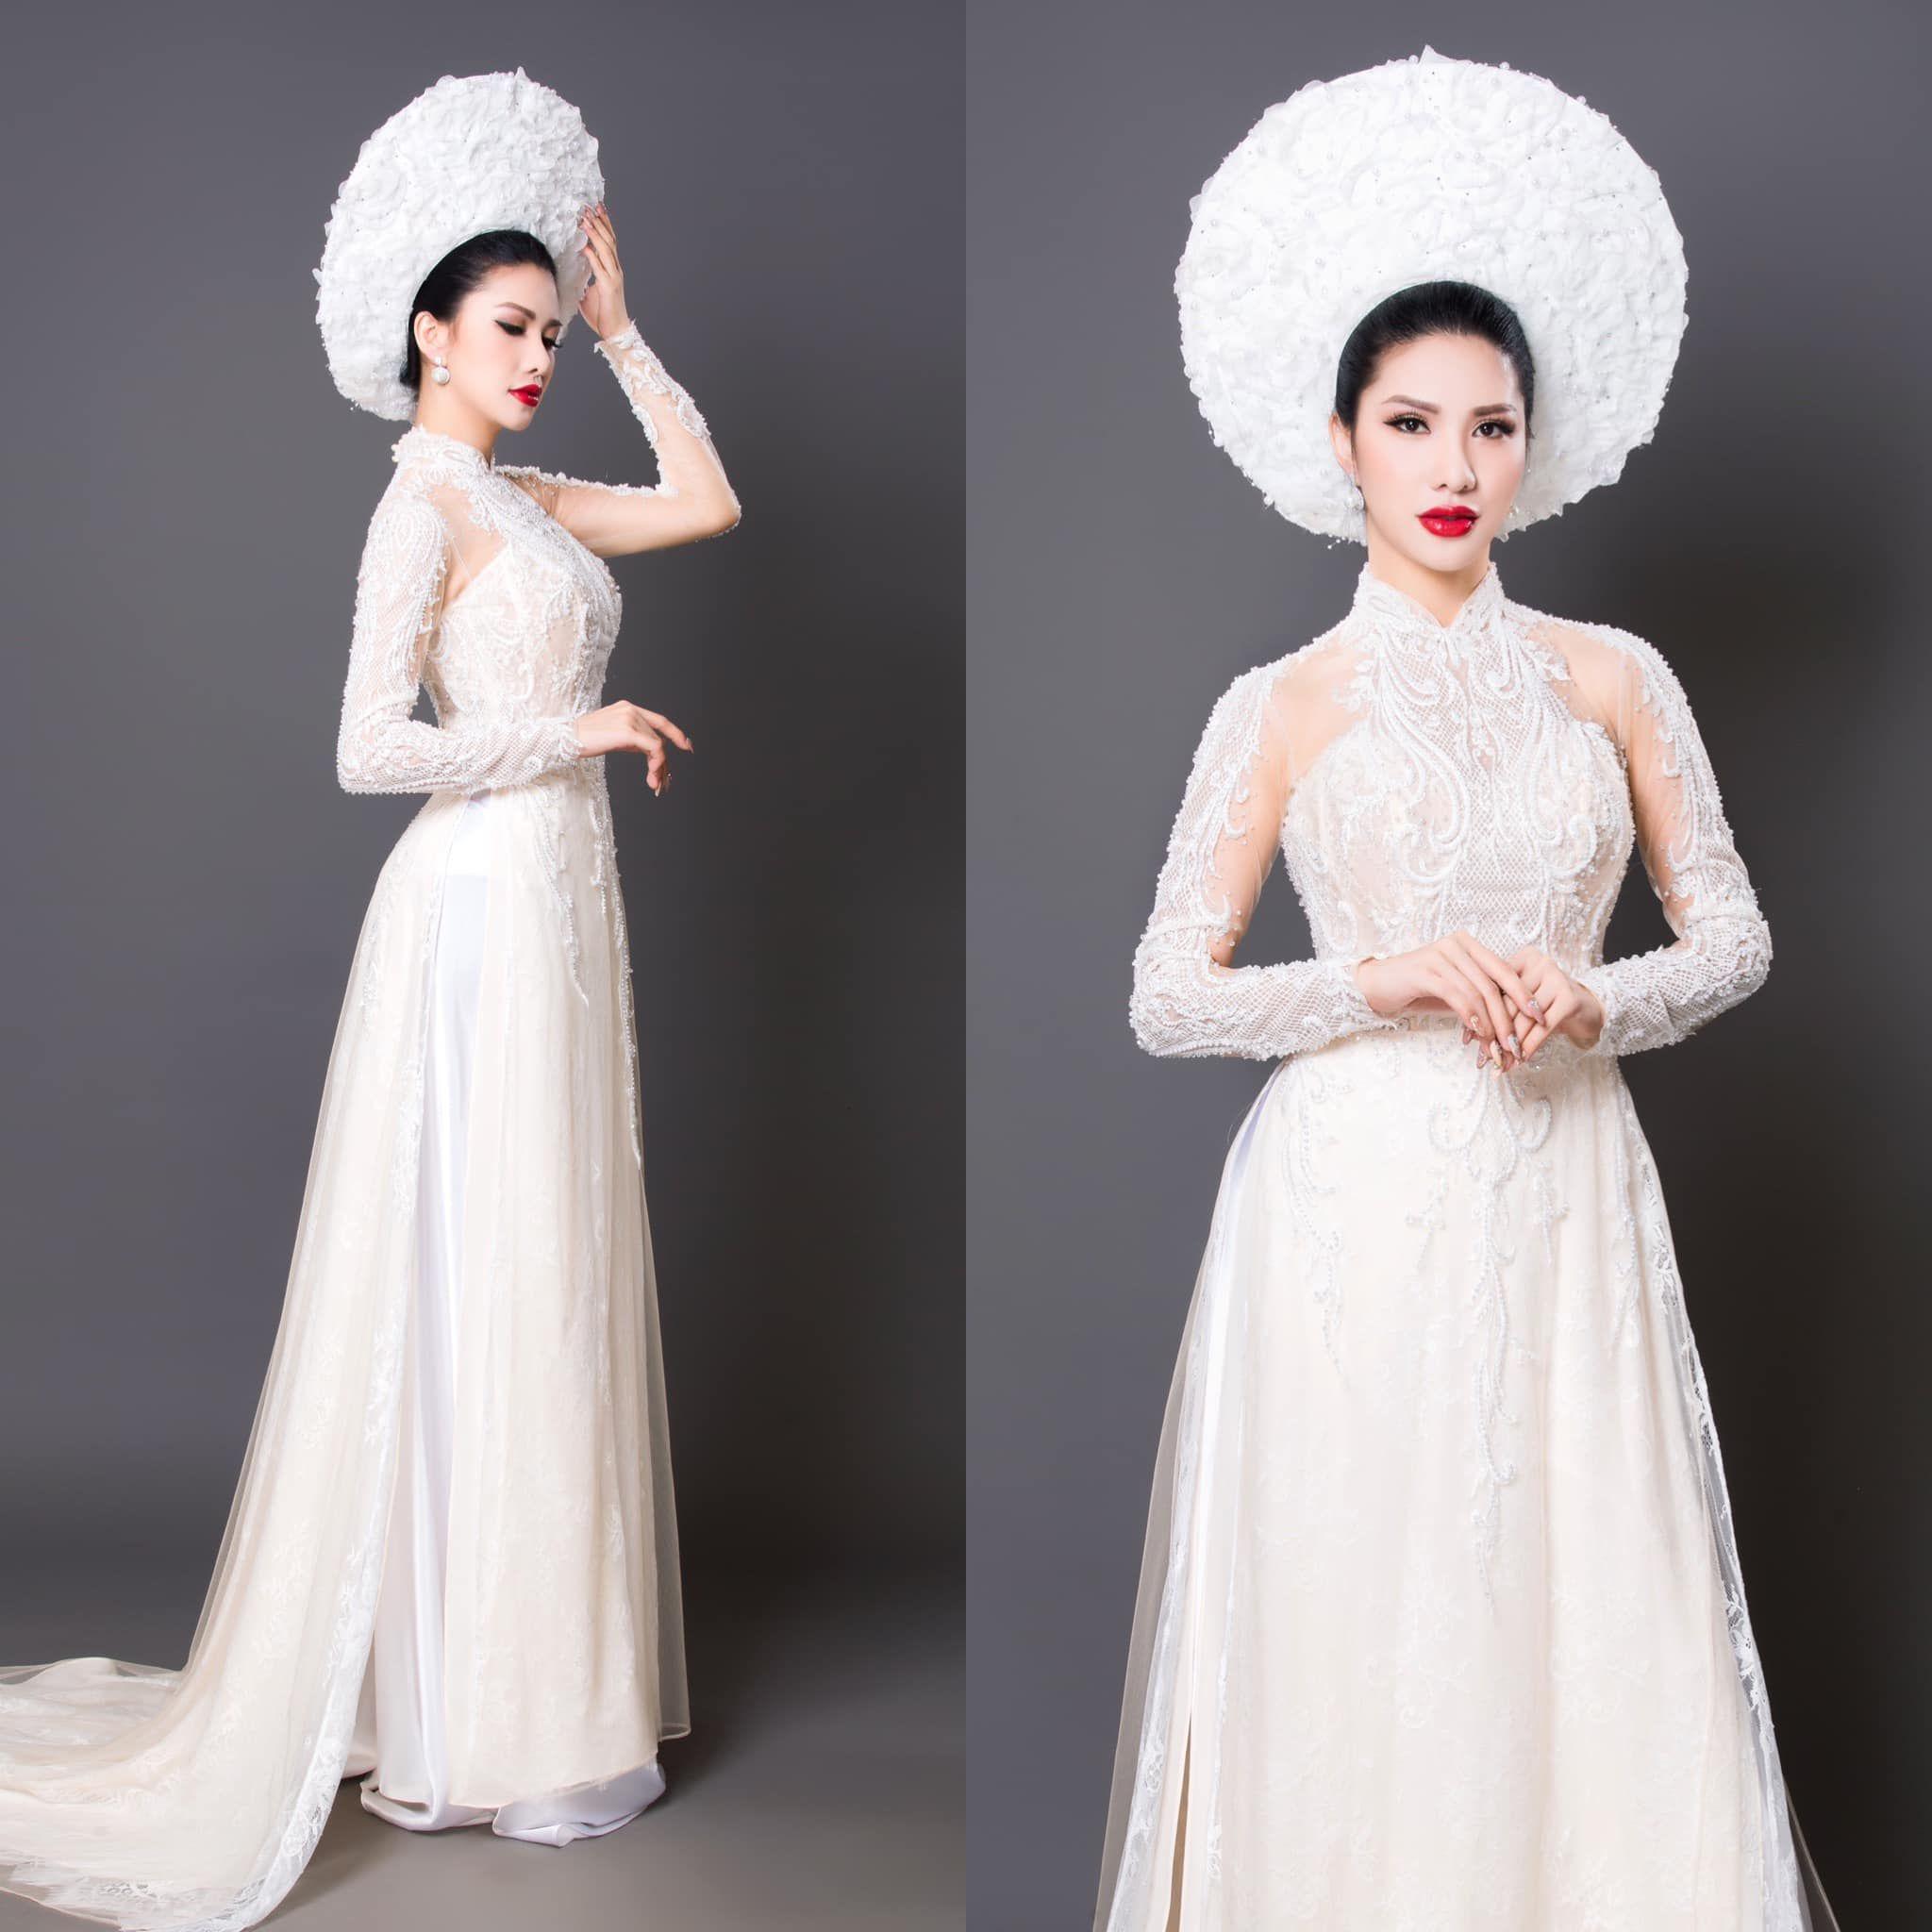 Mẫu áo dài cô dâu trắng hiện đại 2 Marry